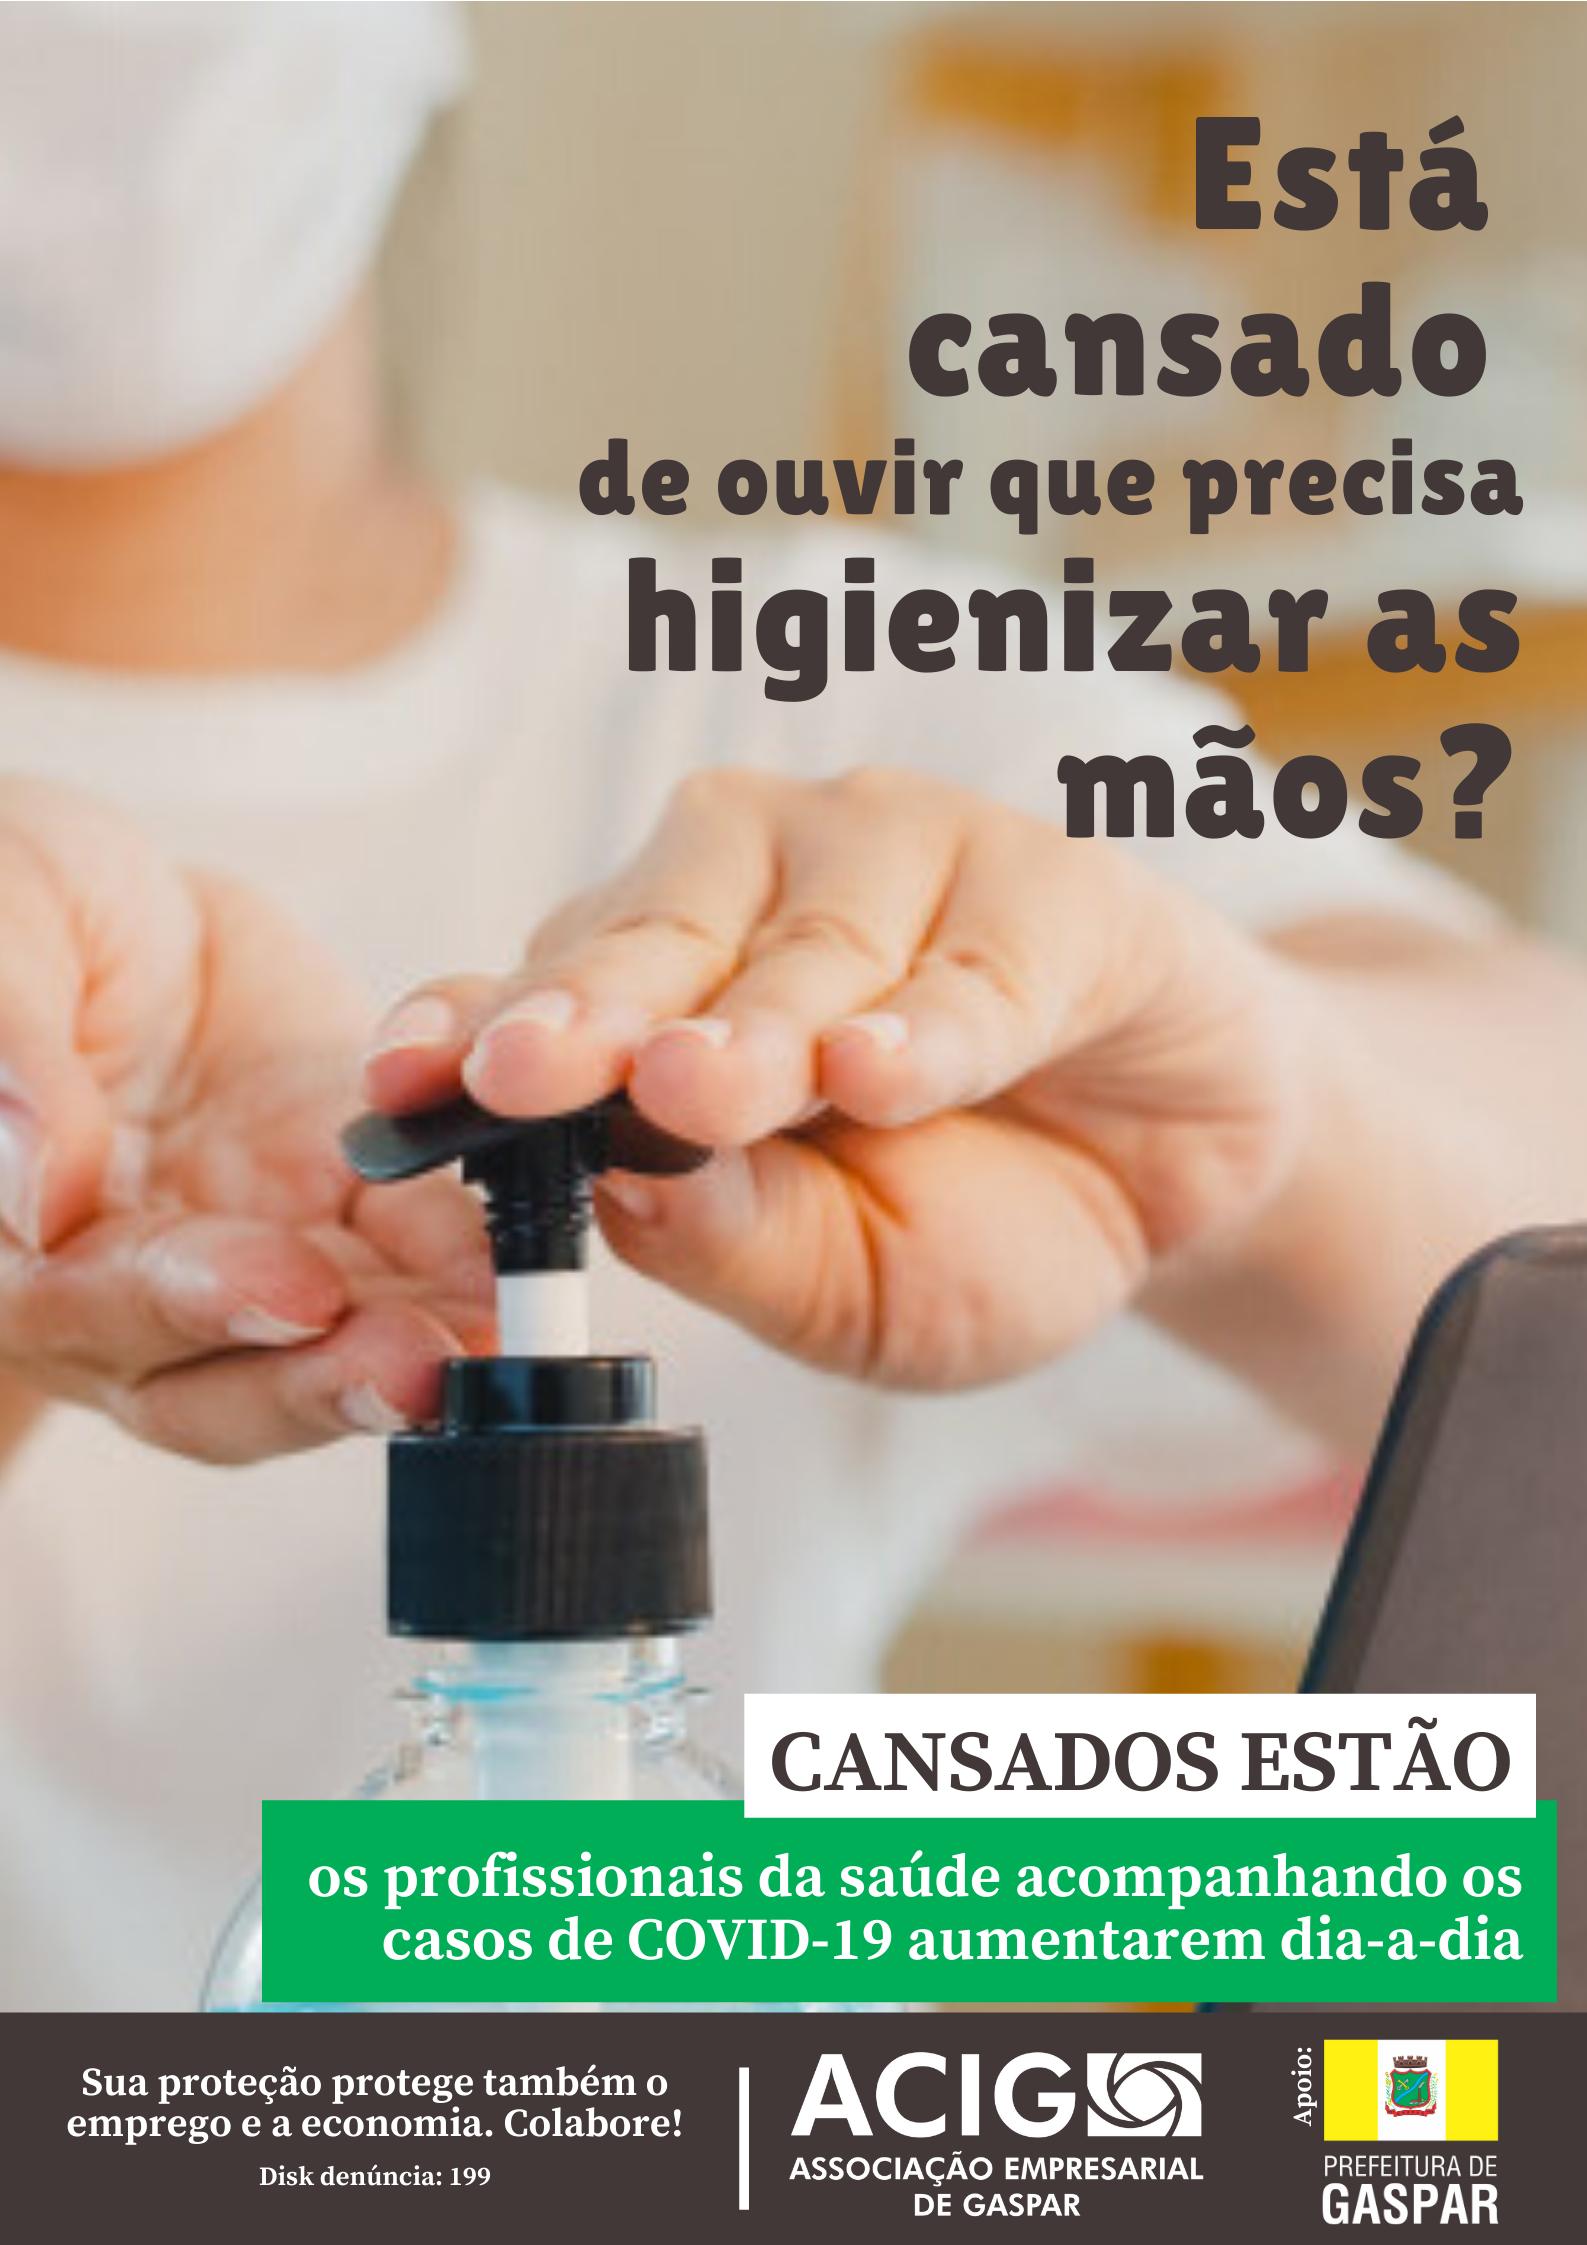 ACIG lança campanha de conscientização frente ao COVID-19